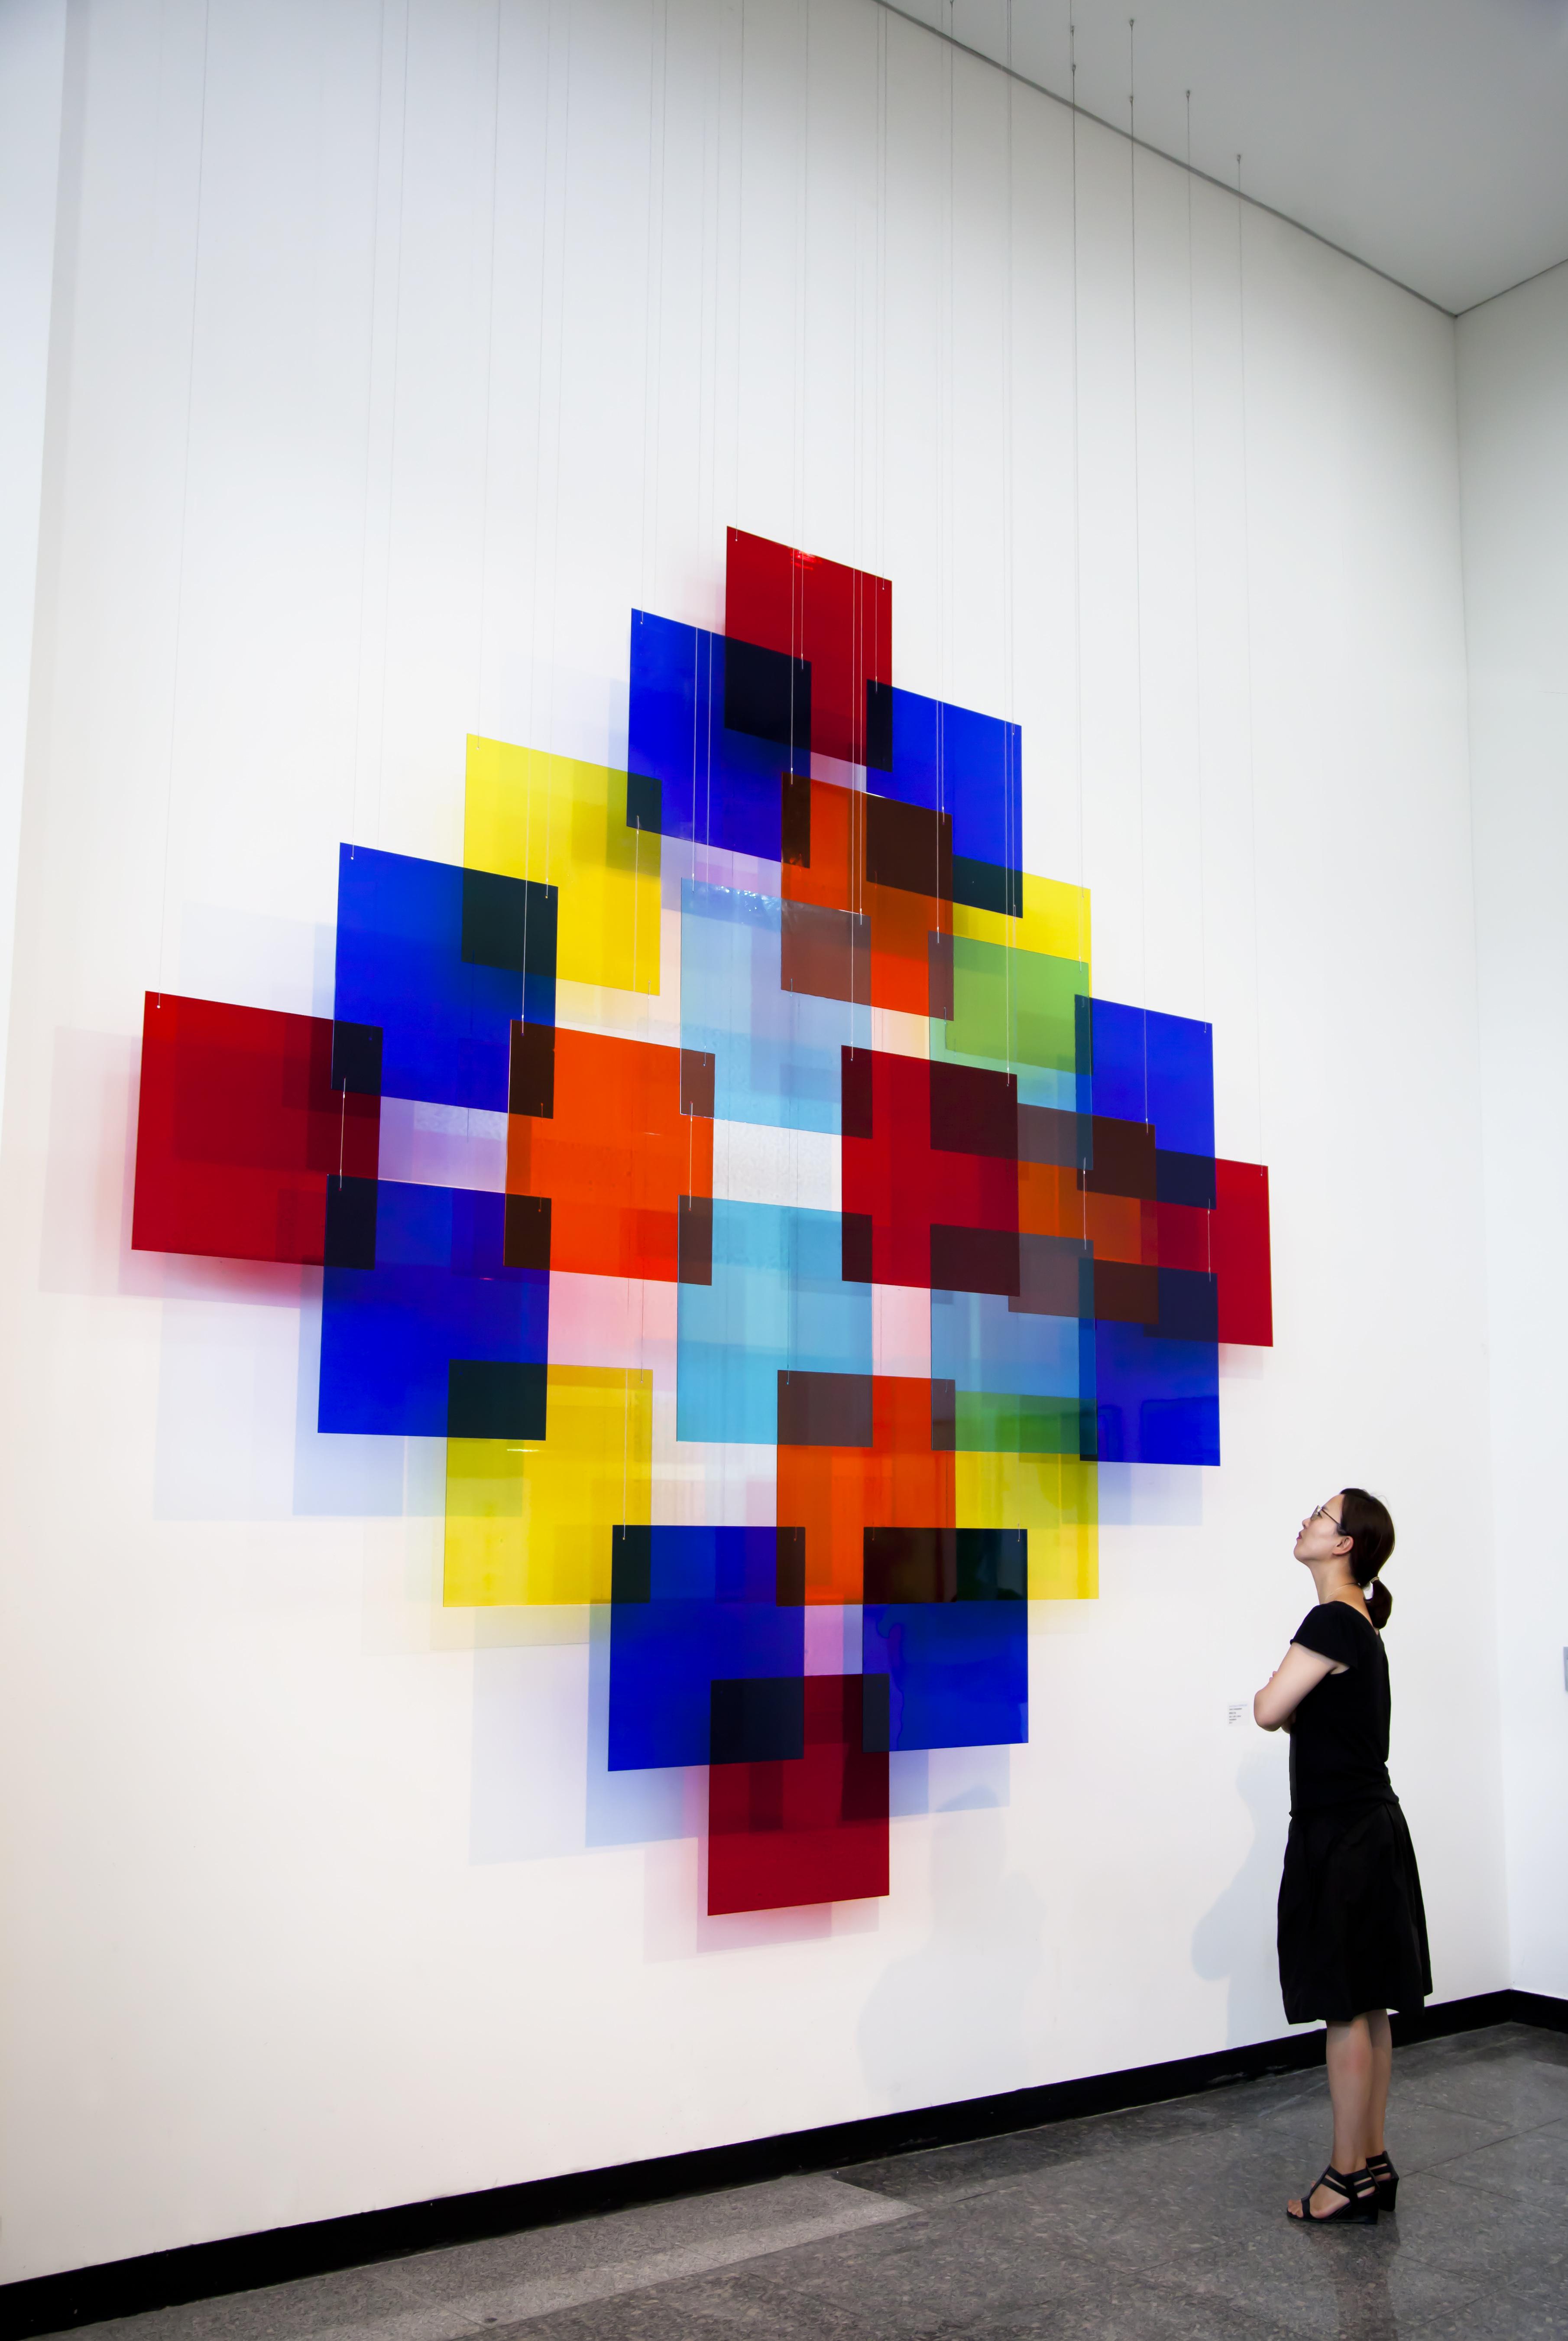 David Magán. Composición Cúbica en la exposición Hola! Spain en el Seongnam Arts Center (Corea del Sur), en 2013